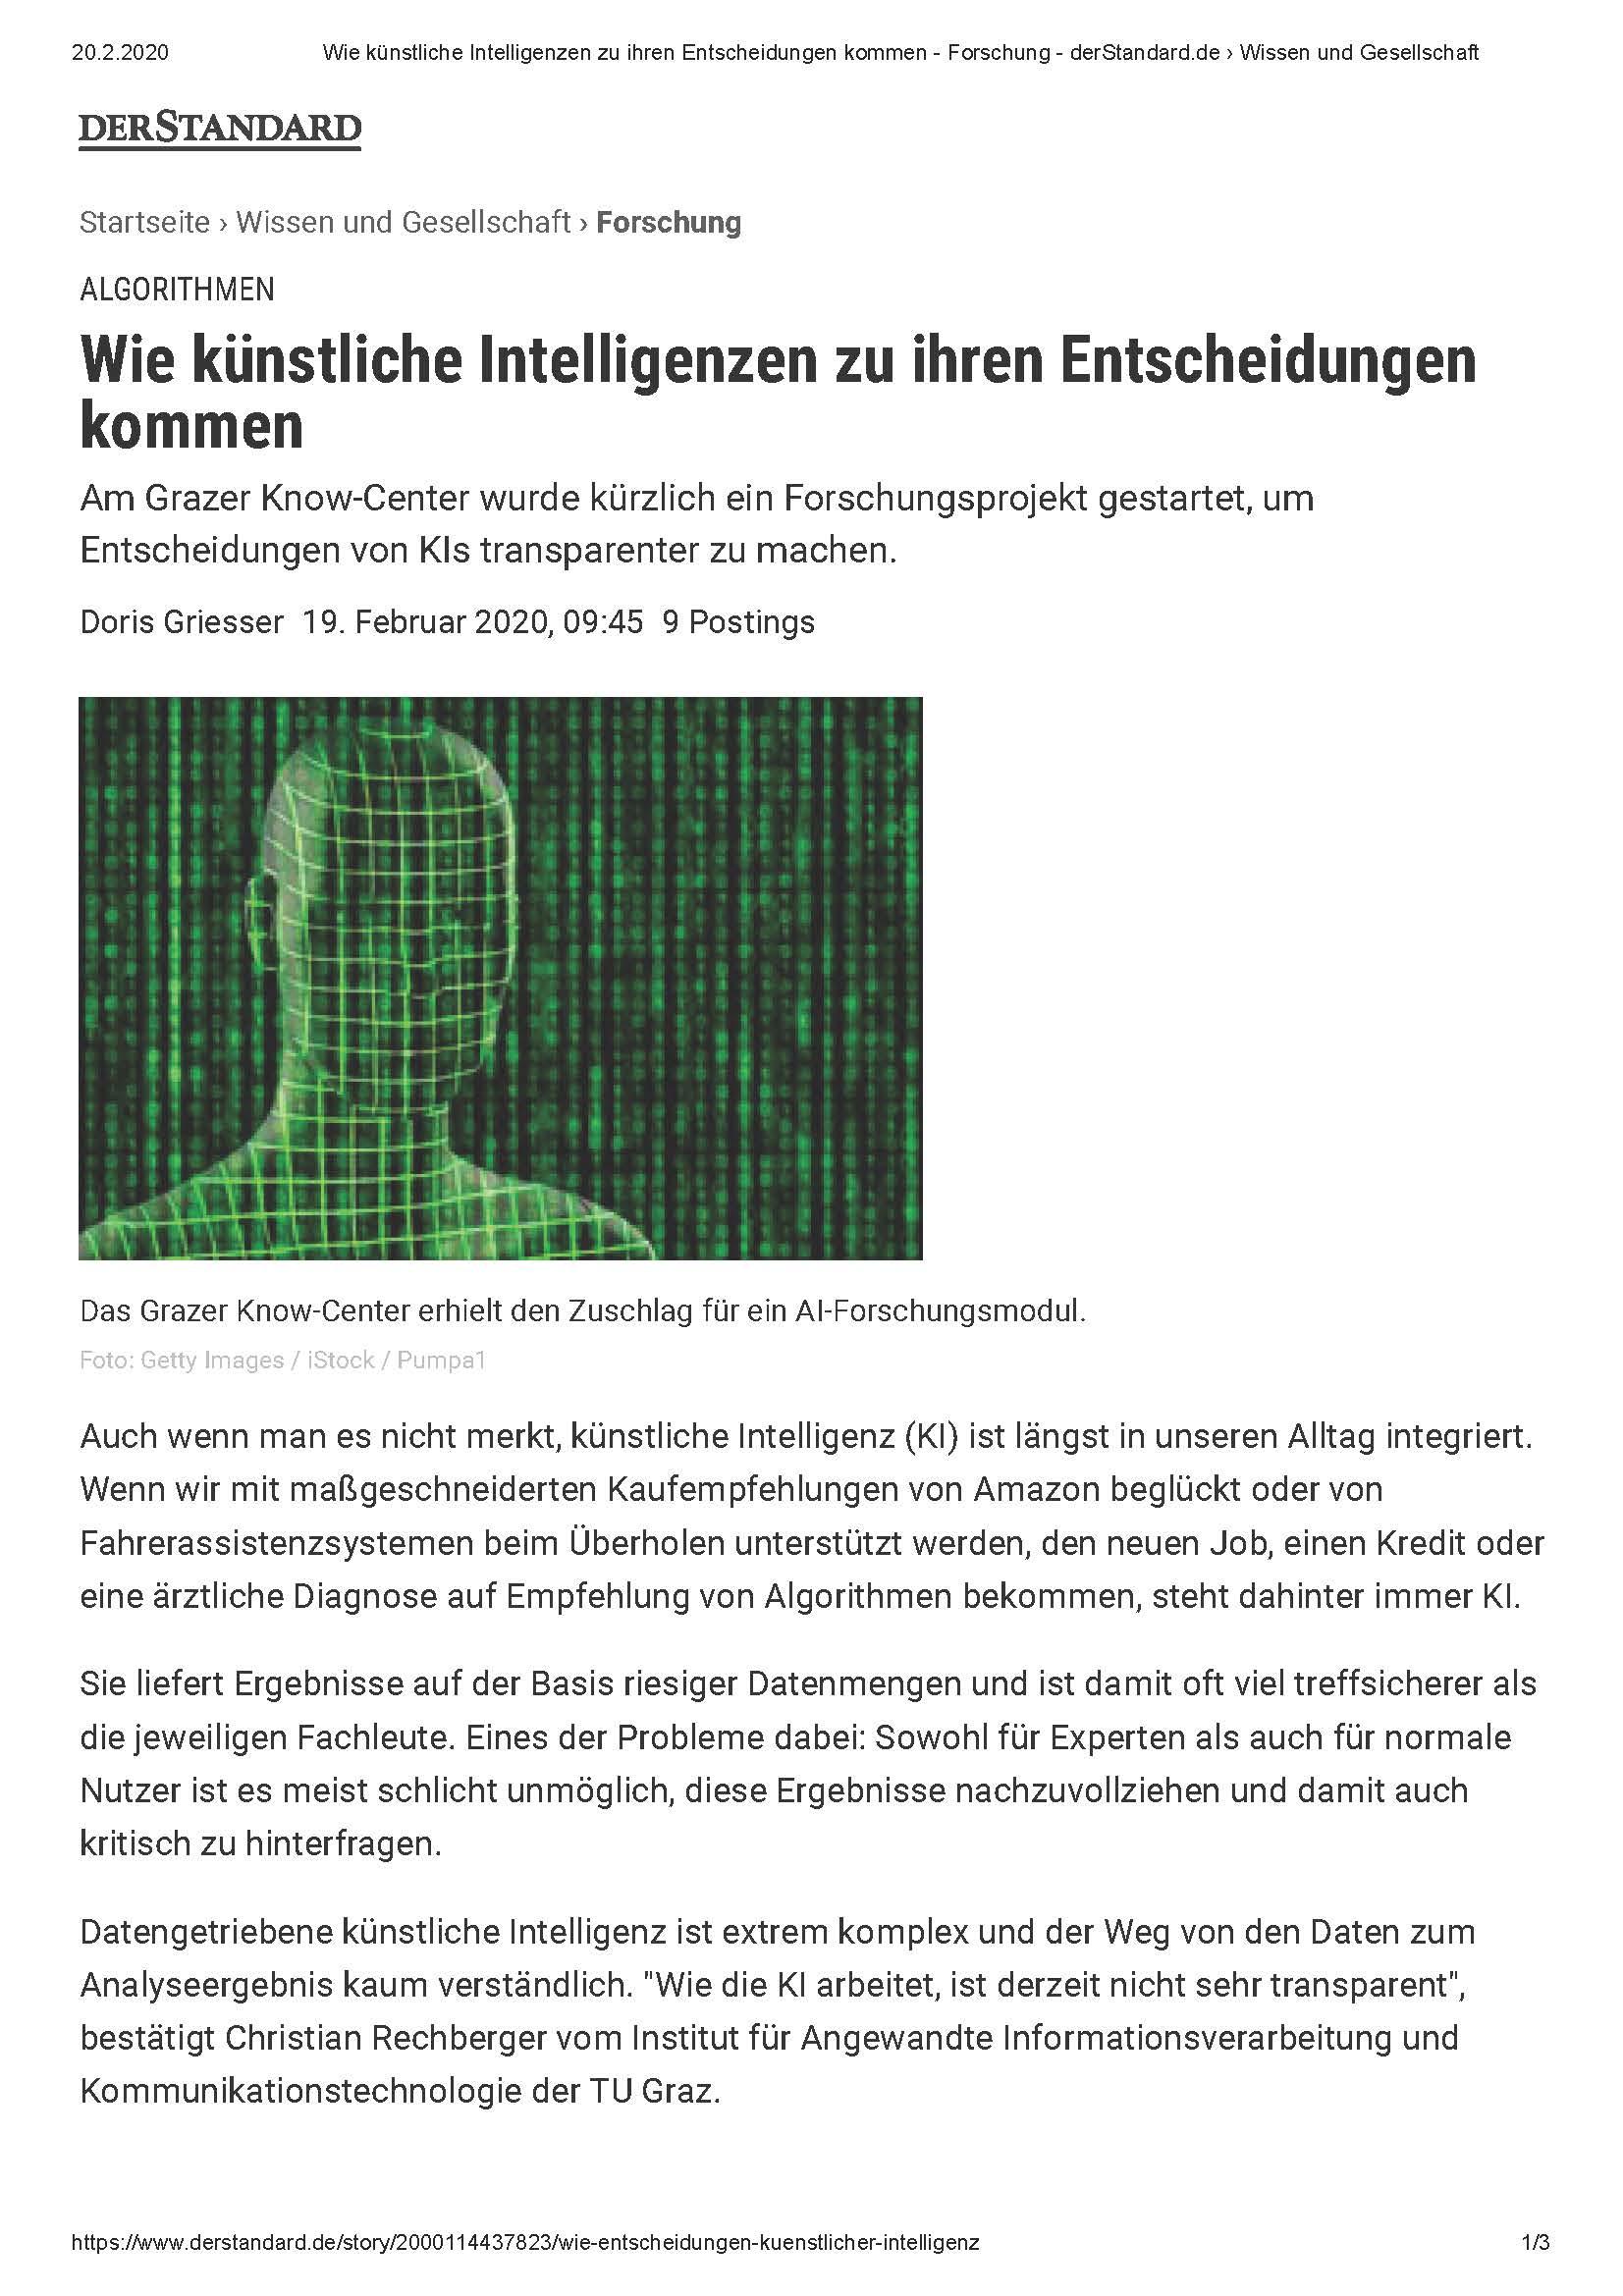 2020-02-20__standard.at_Wie künstliche Intelligenzen zu ihren Entscheidungen kommen_Seite_1